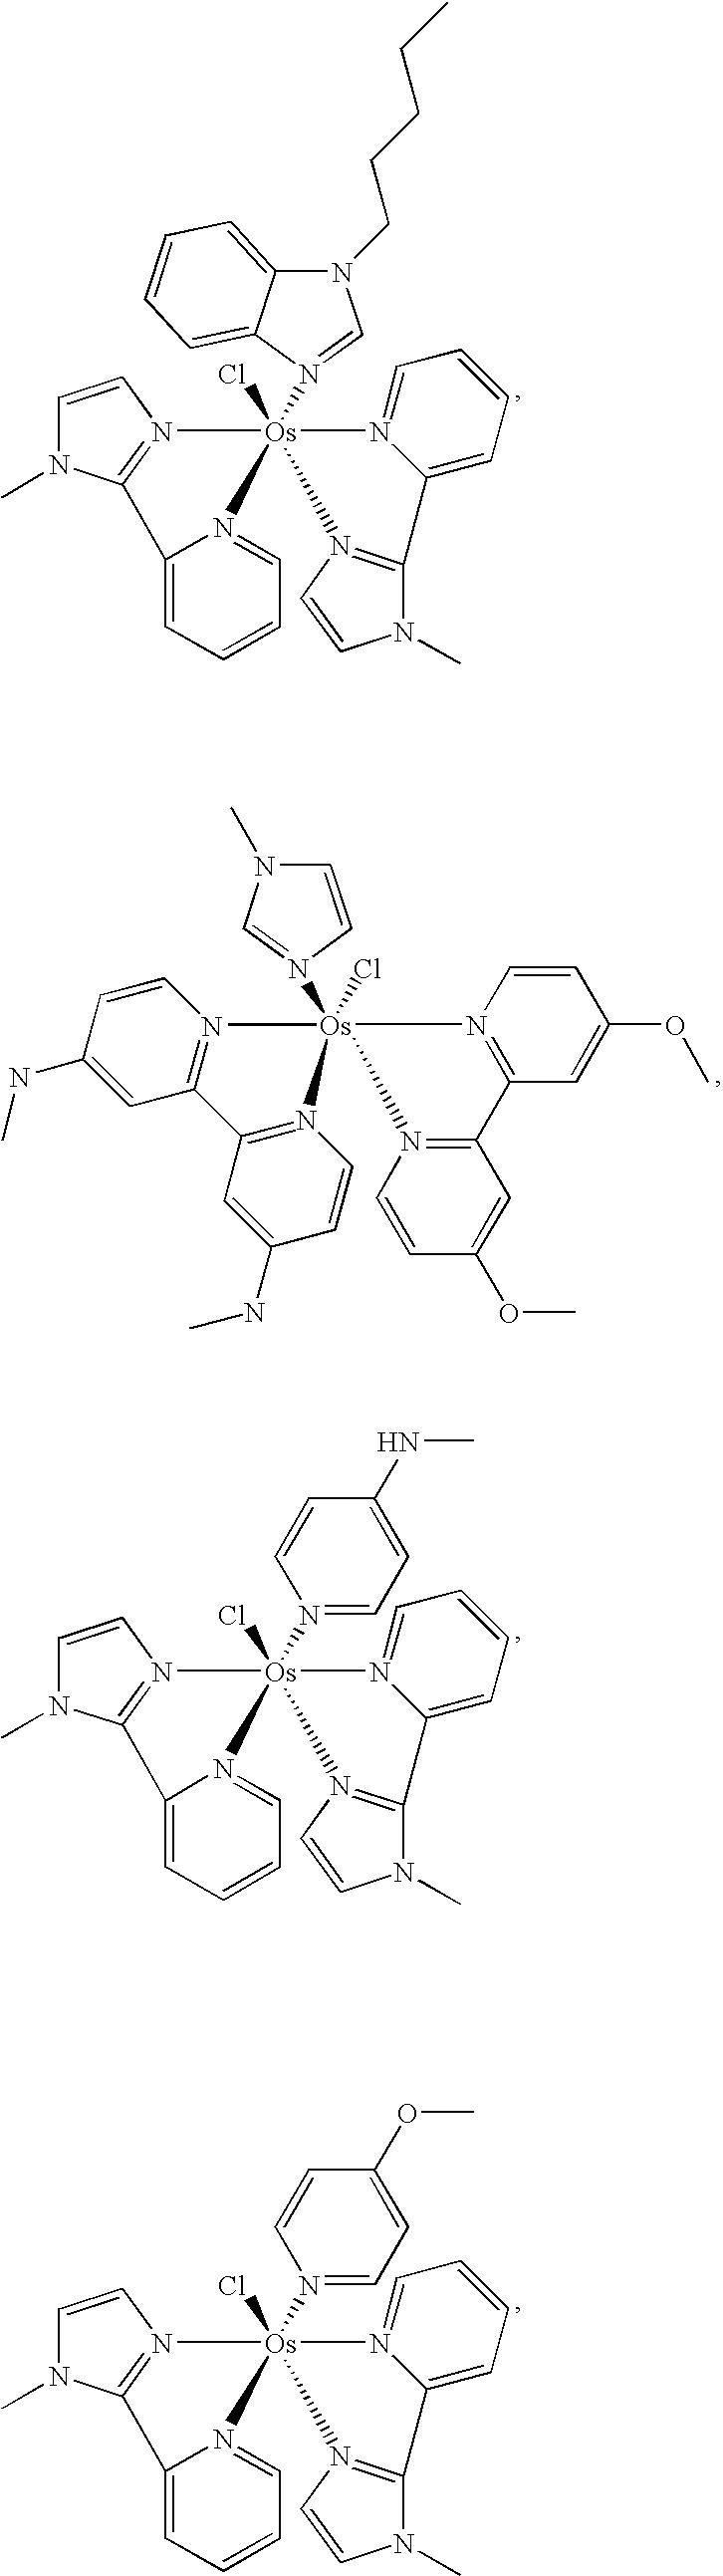 Figure US08262874-20120911-C00005